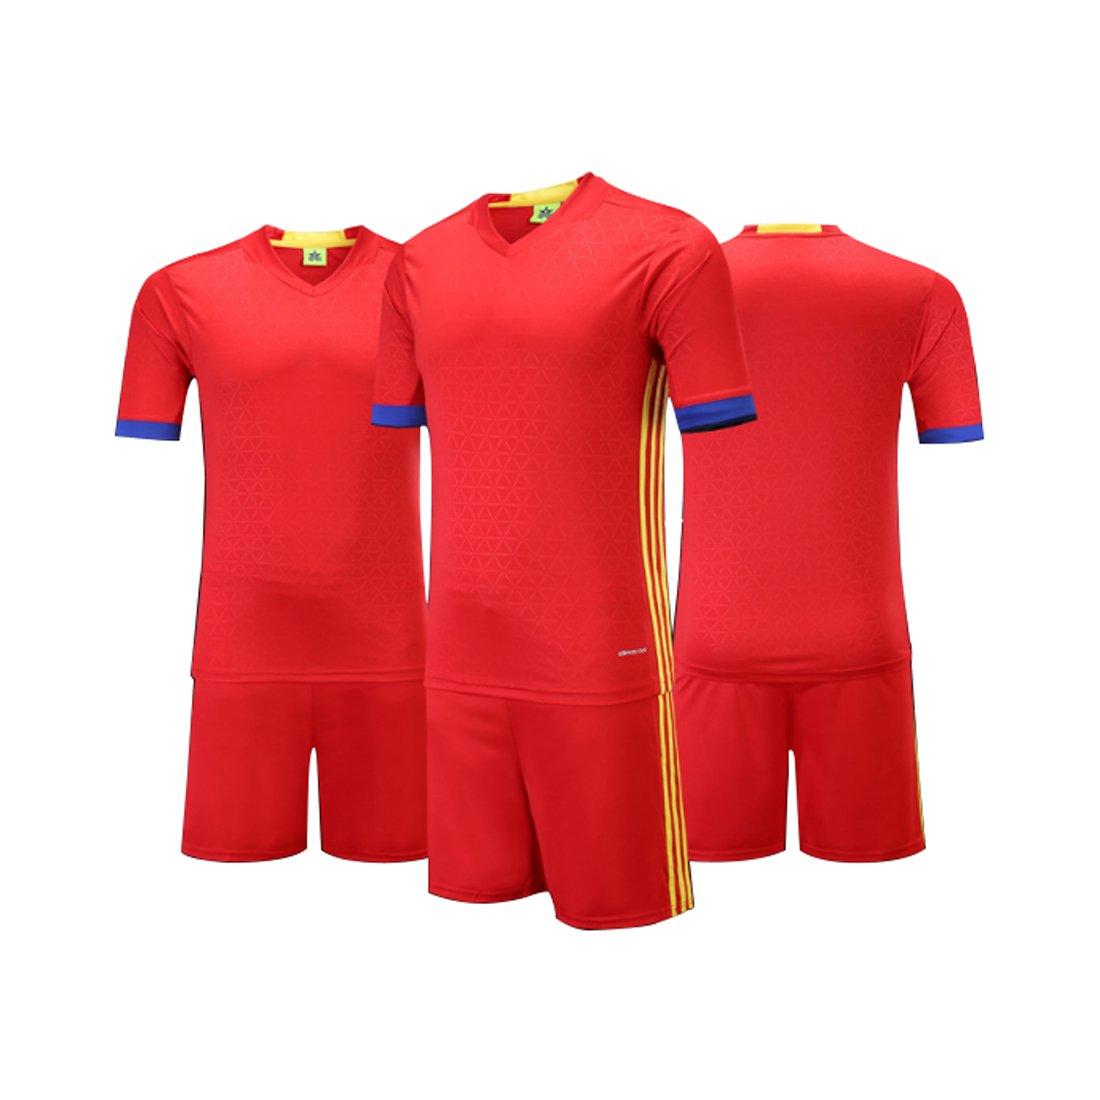 Yefree Hombre Mujer Ropa de Fútbol Camiseta de Entrenamiento de Fútbol de Manga Corta Camisa de Fútbol para Niños Sudaderas y Pantalones Cortos: Amazon.es: ...